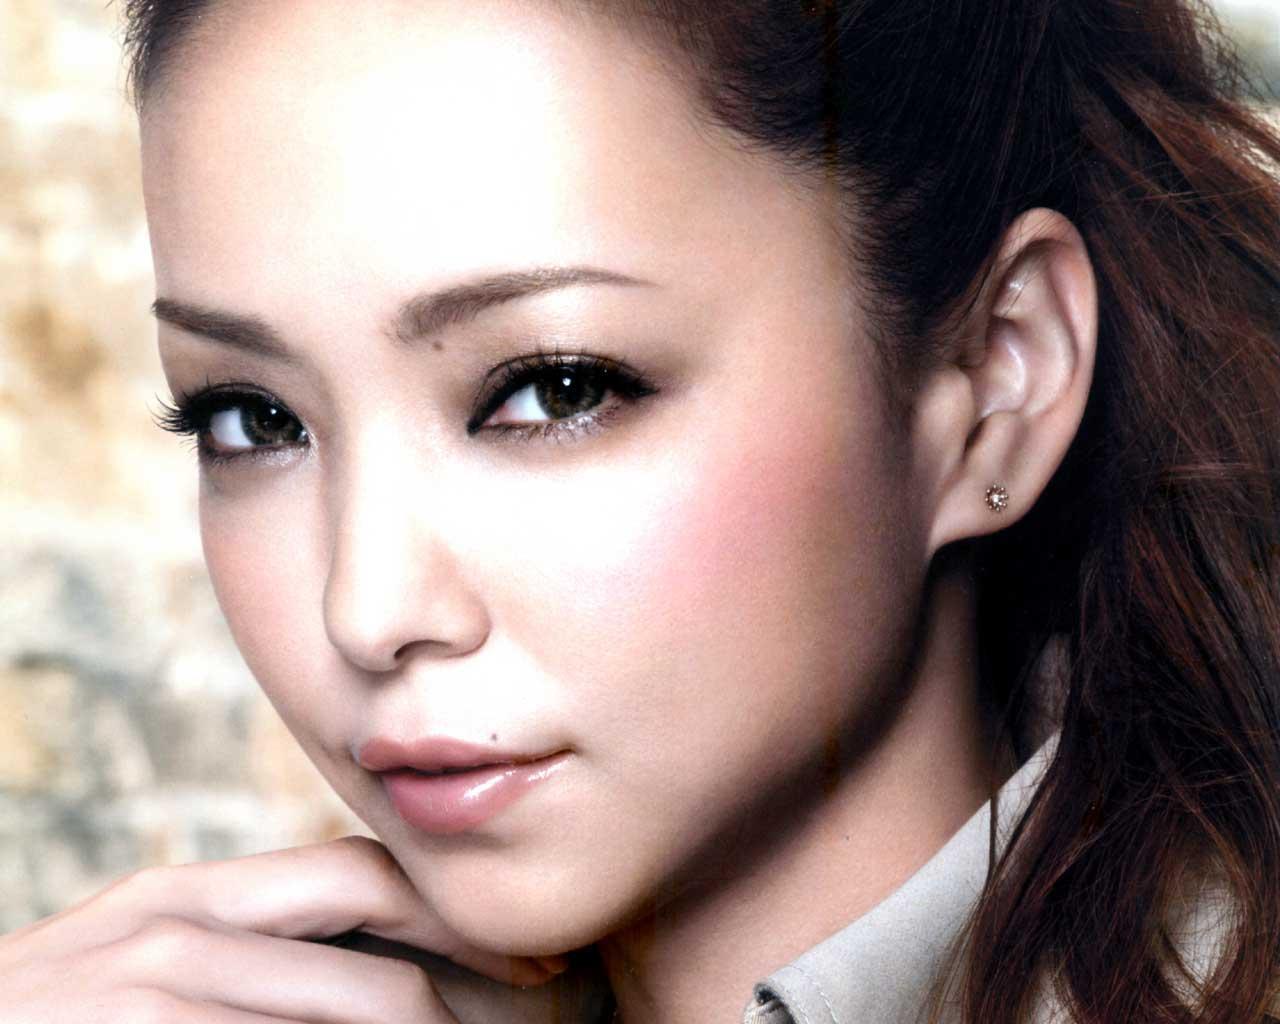 動画あり!今も昔も変わらない歌手!安室奈美恵のライブが凄すぎる!のサムネイル画像